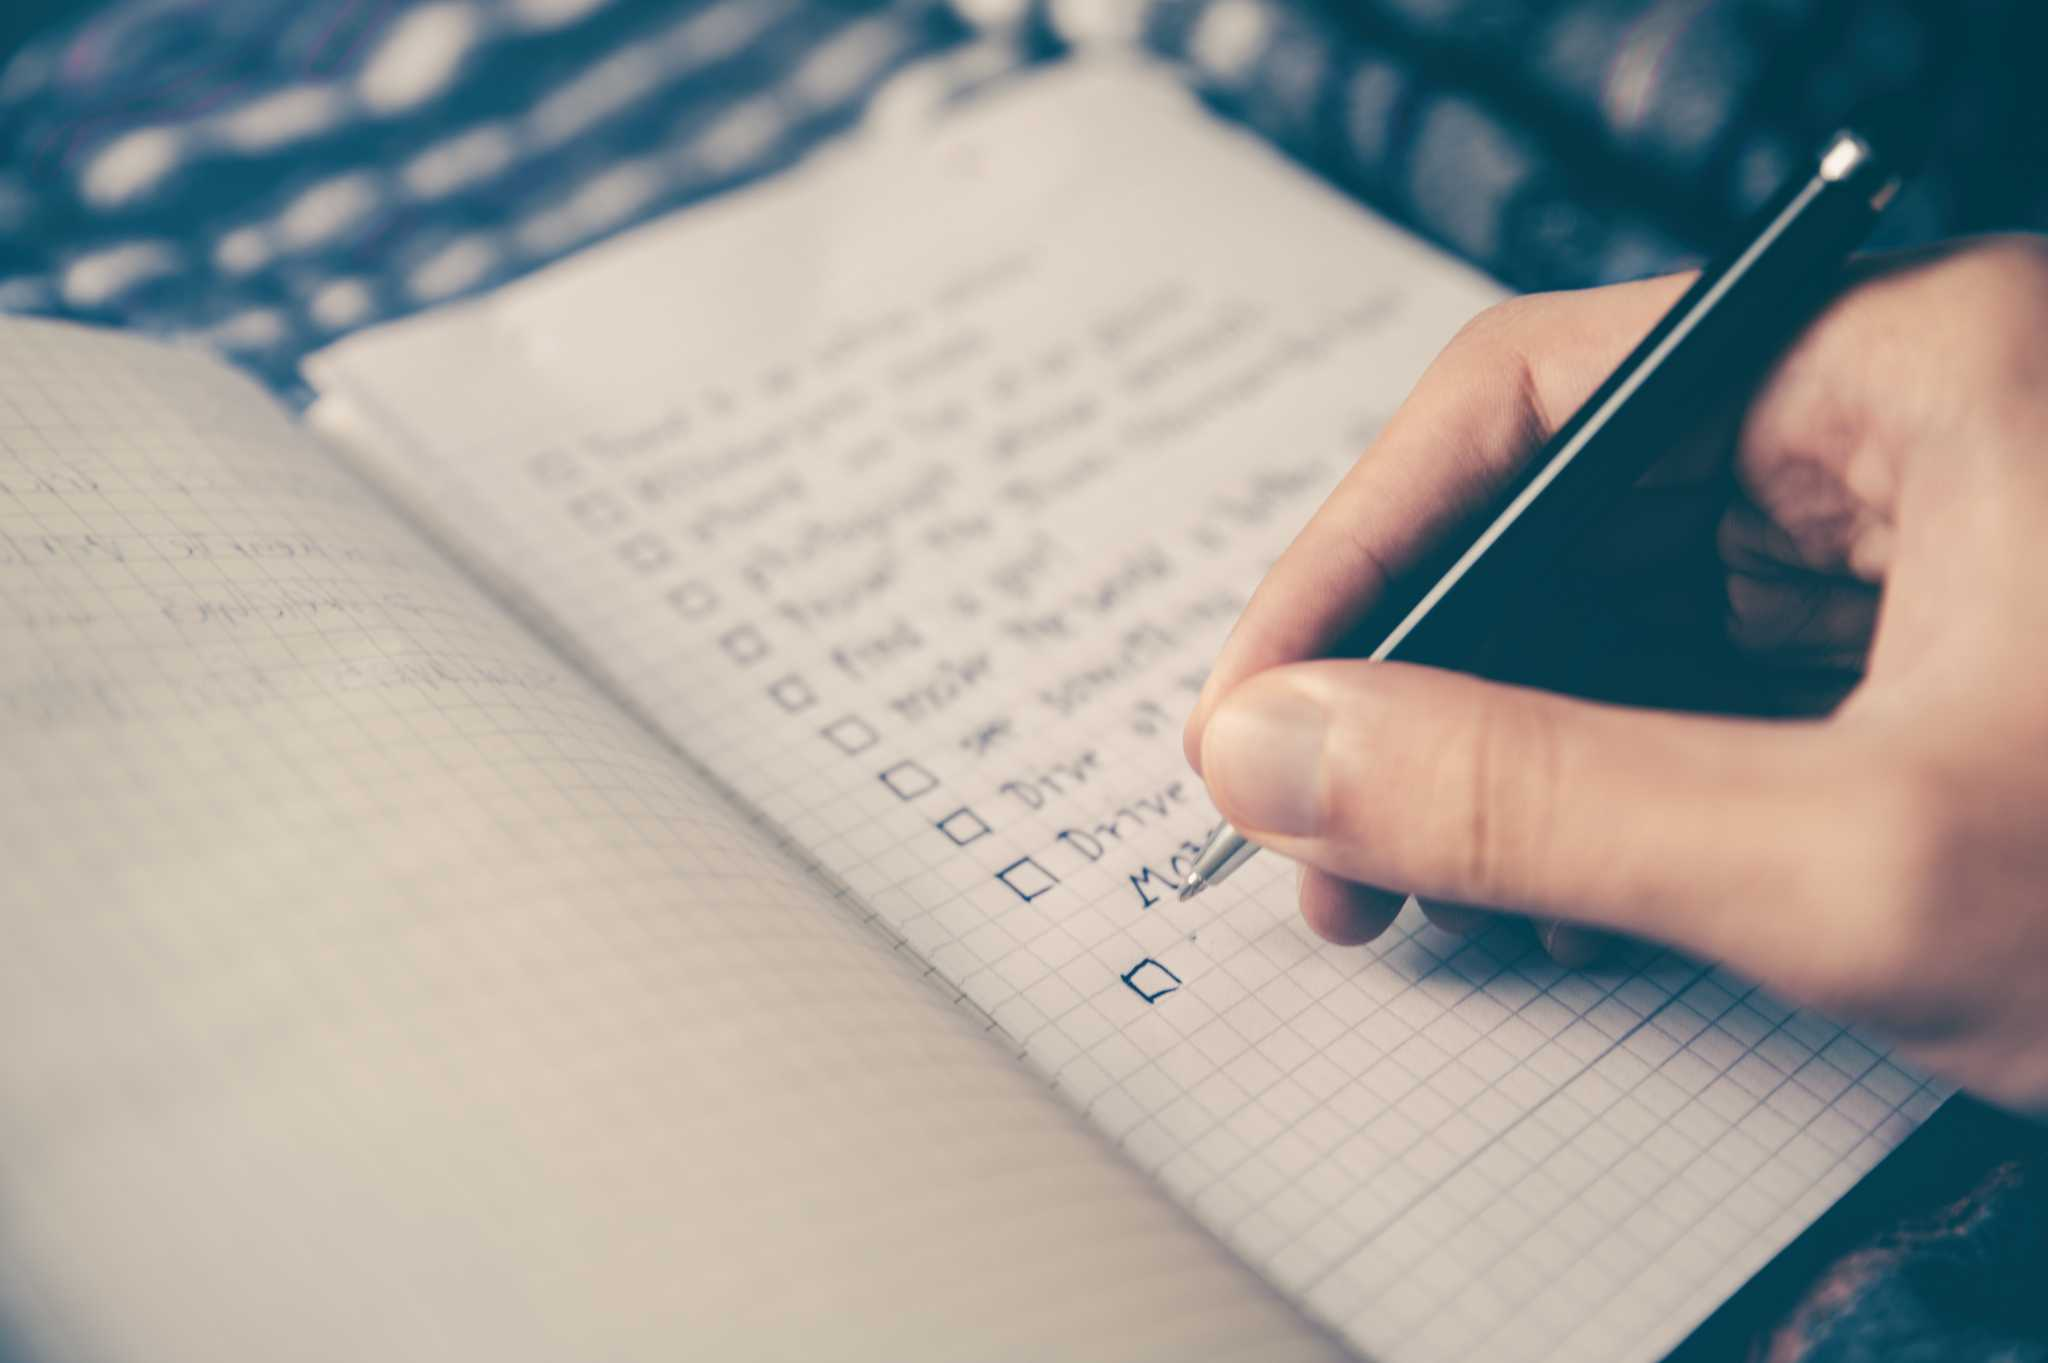 Hacer listas de resoluciones, ¿sirve o no? 1